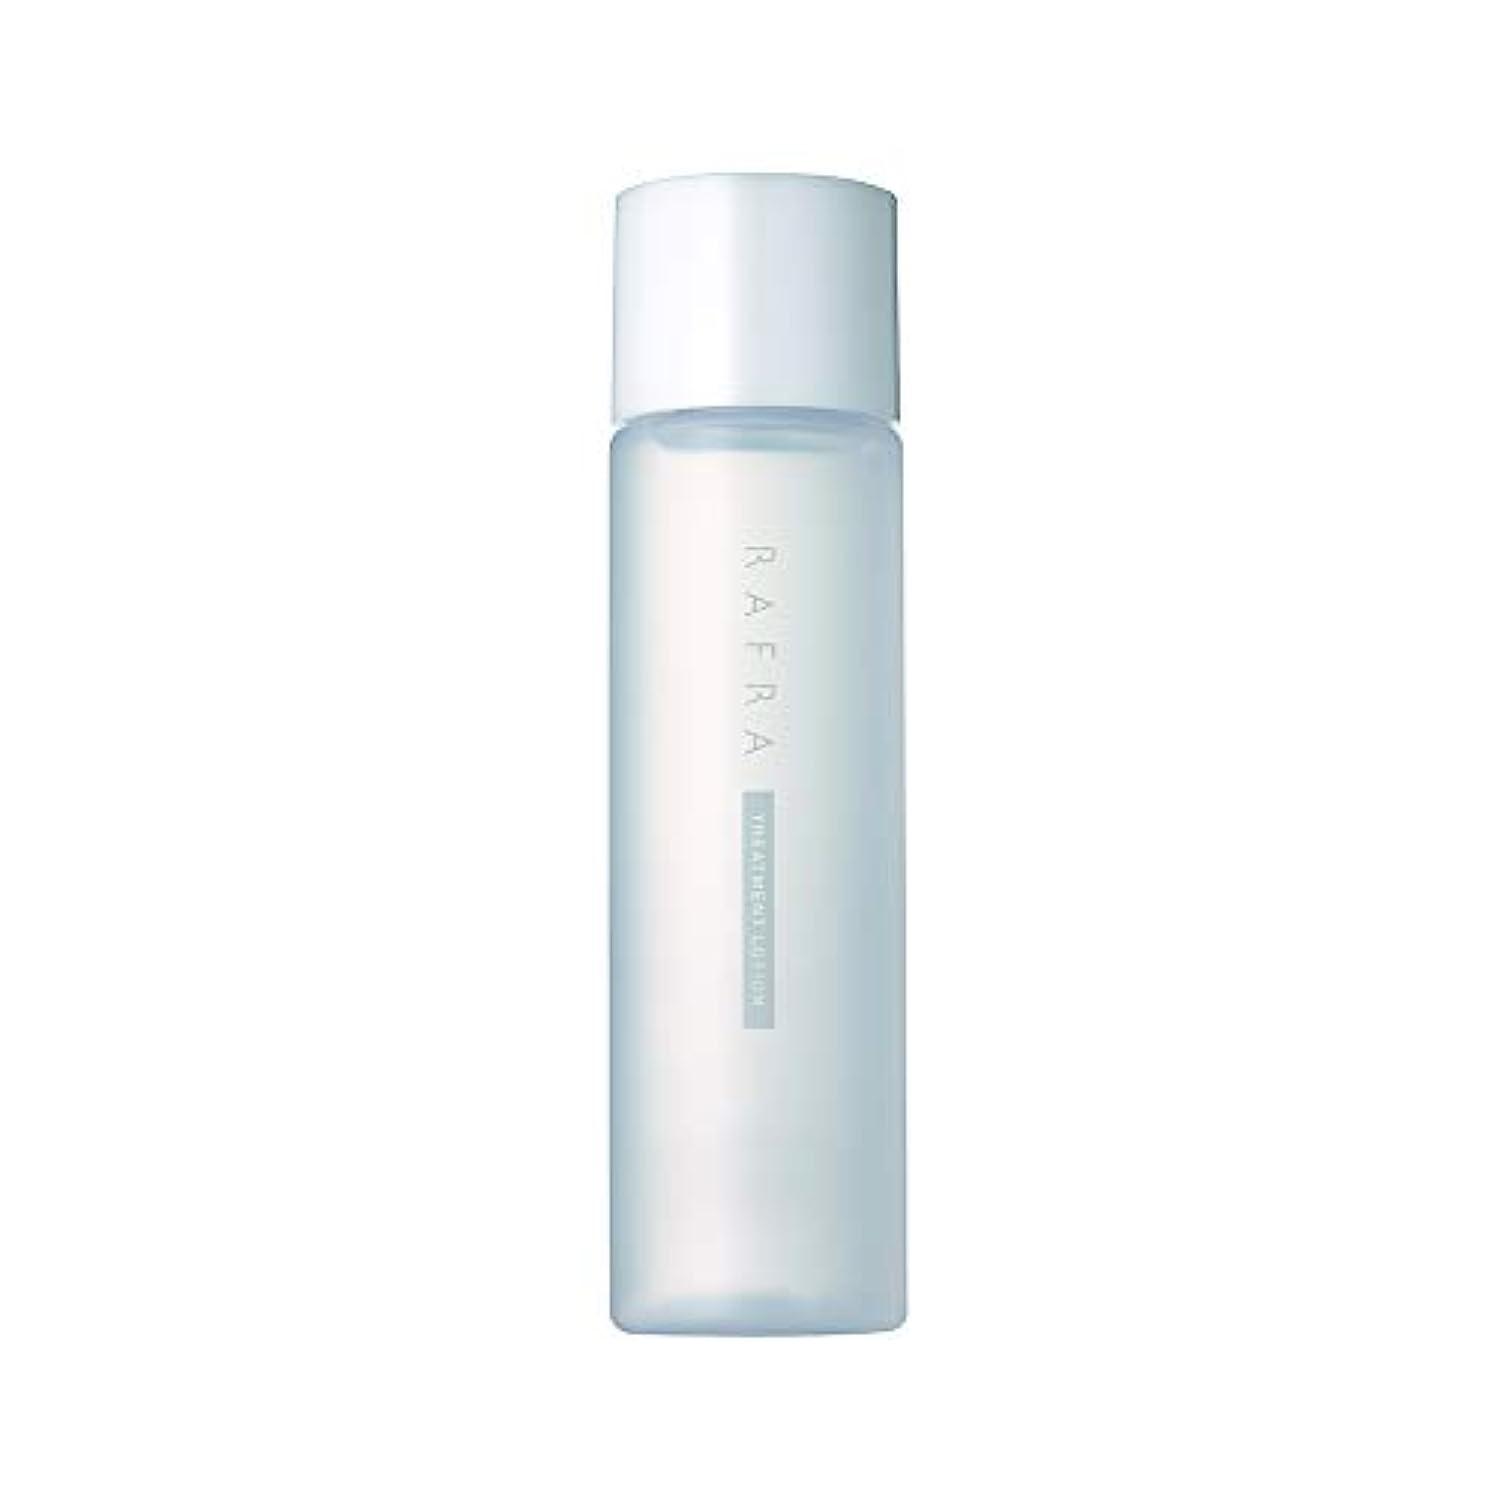 熟考するはさみ覚えているラフラ トリートメントローション 150ml 化粧水 ブースター 導入液